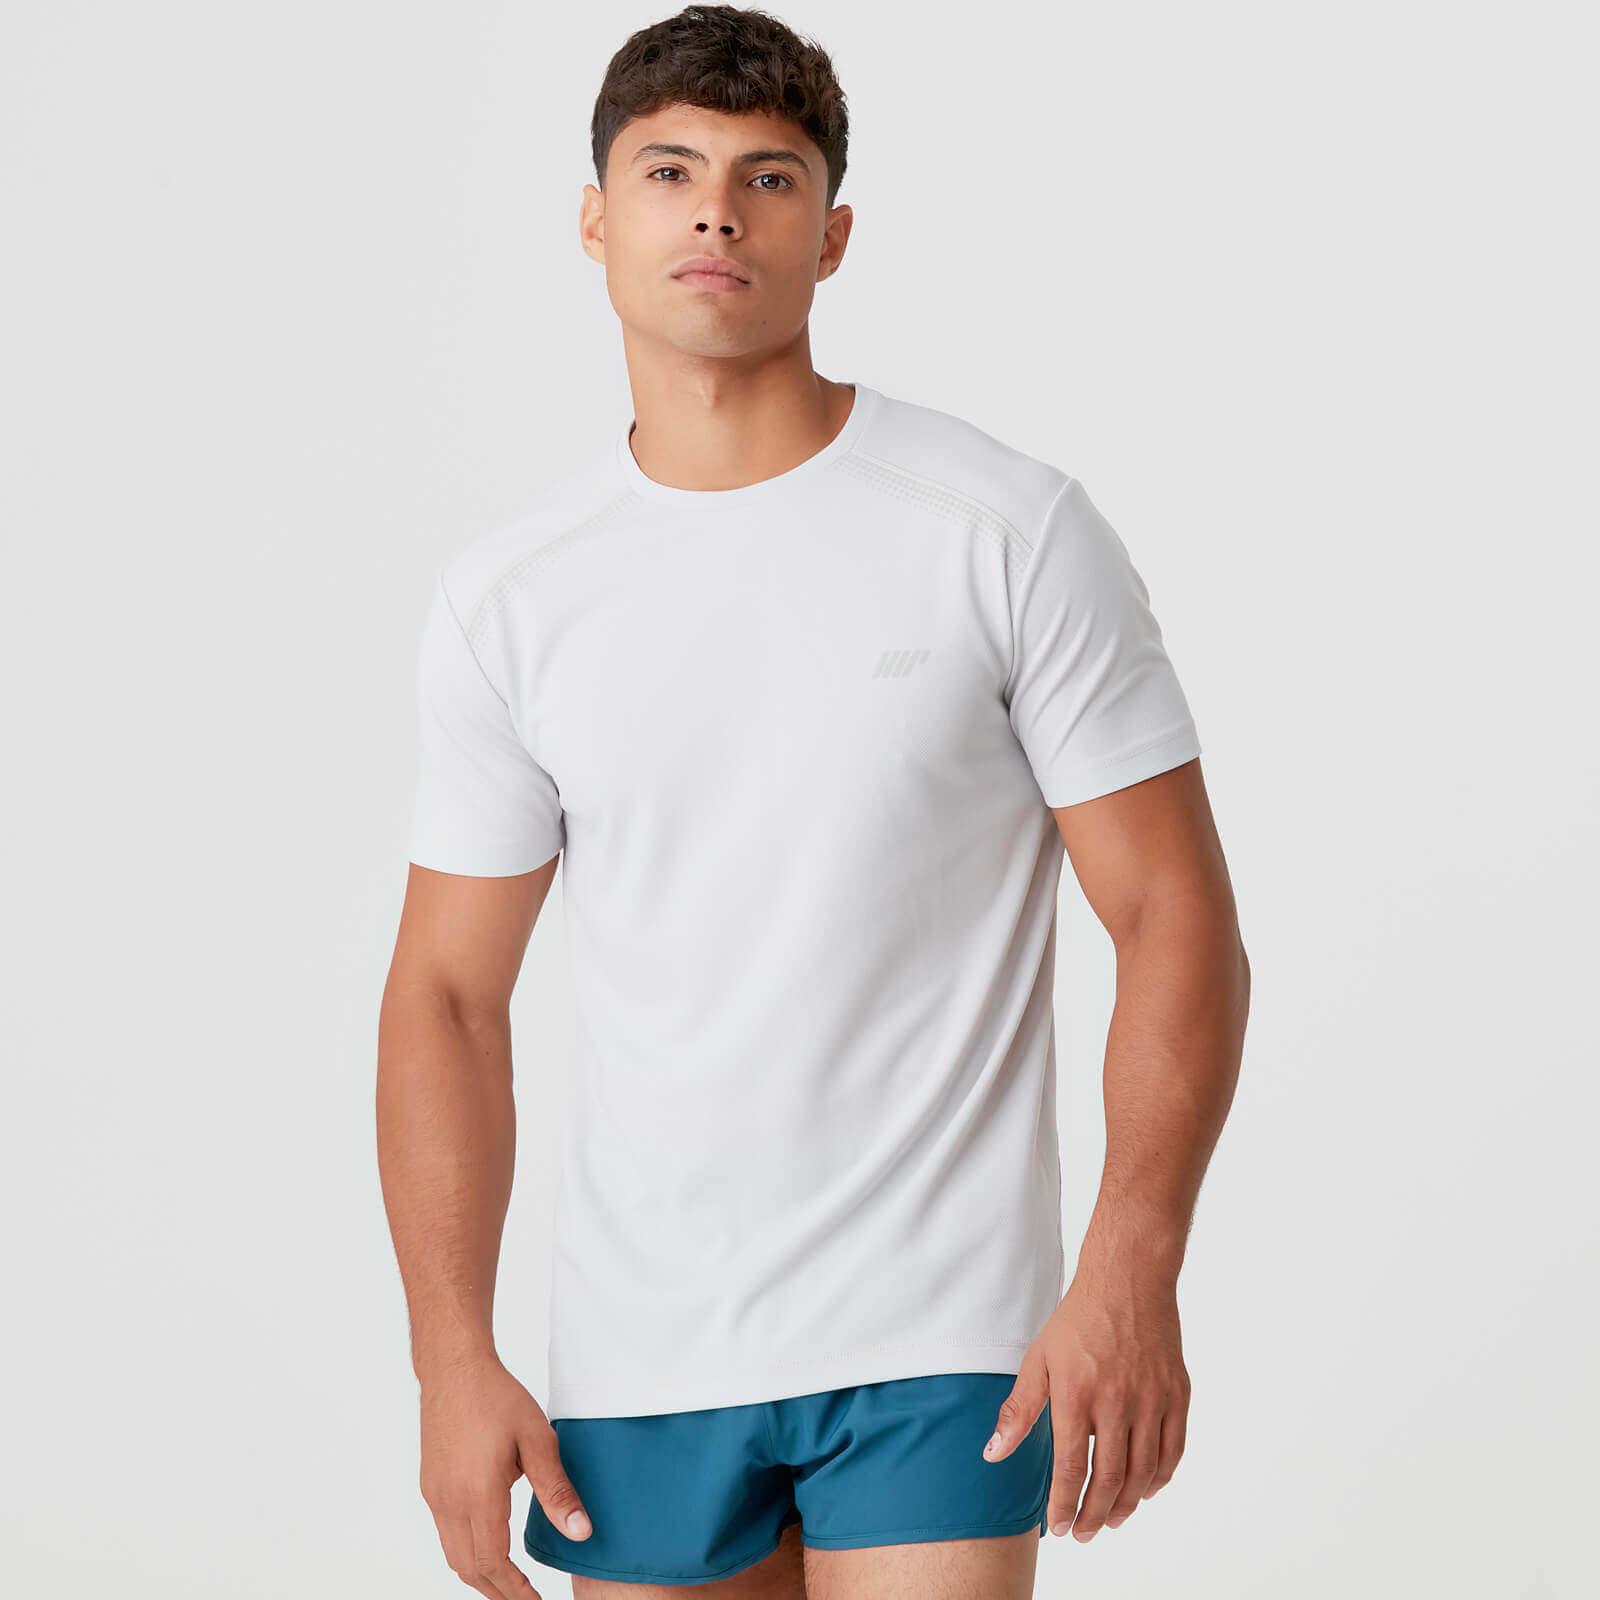 Myprotein Boost T-Shirt - Silver - XXL